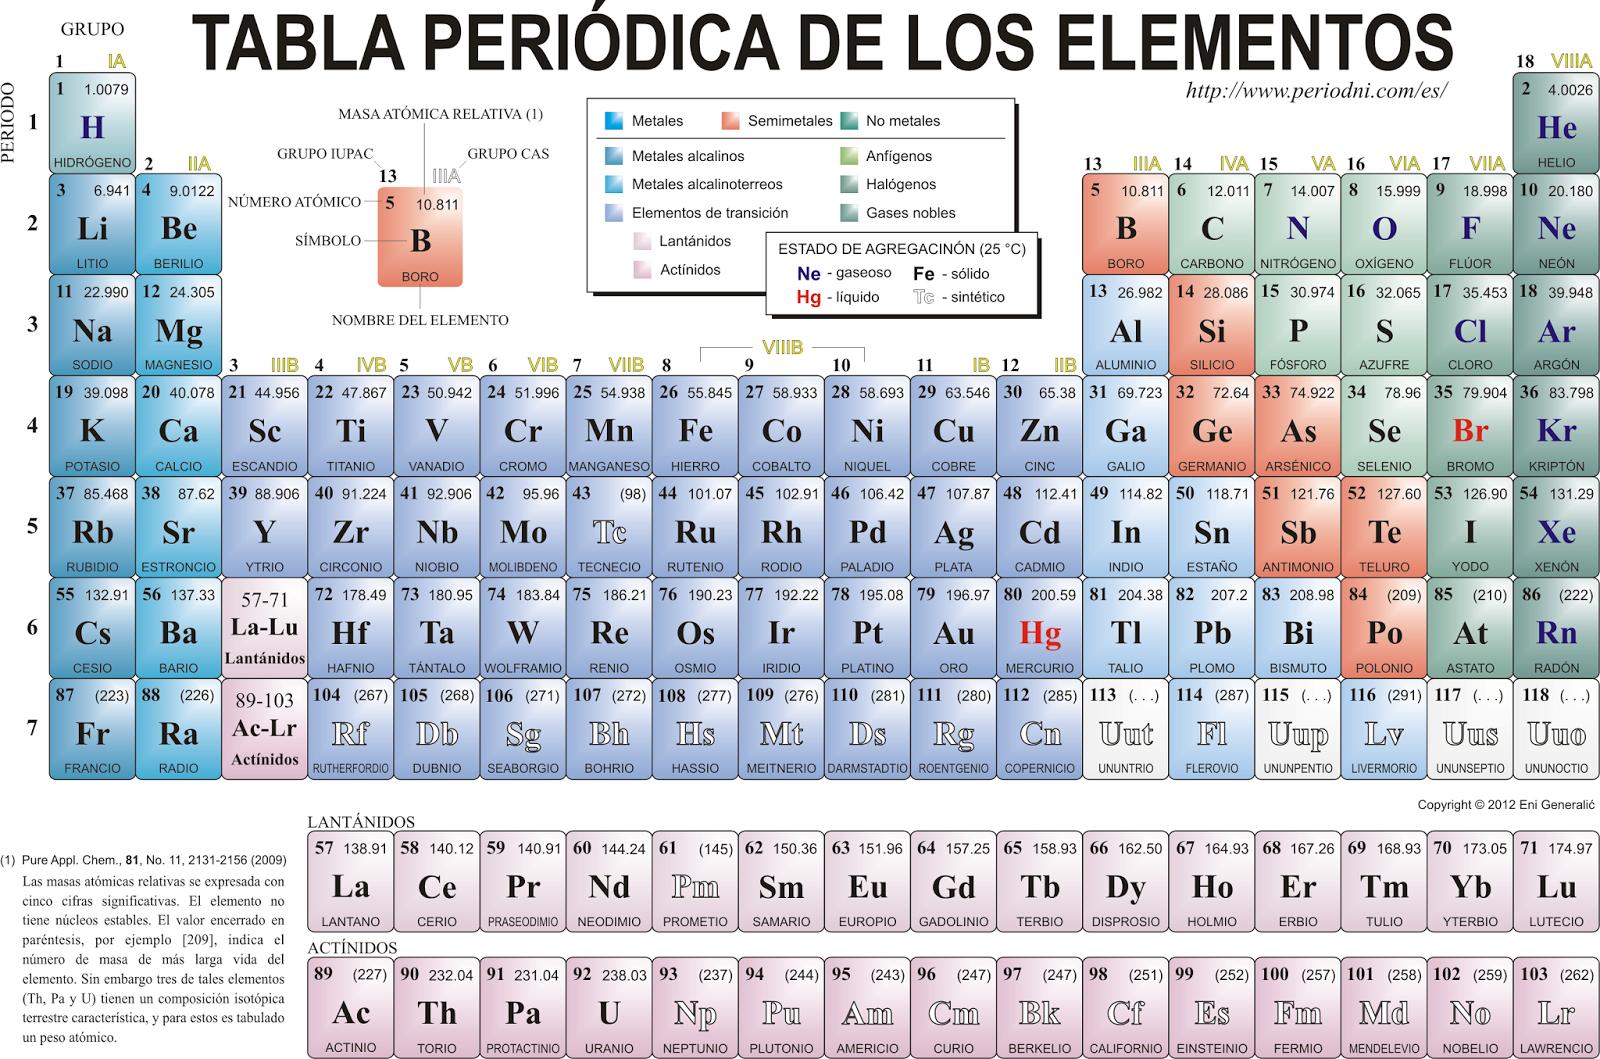 la tabla periodica son gases monoatomicos incoloros poco reactivos y rara vez se convinan con otros elementos el kripton y el xenon reaccionan con el